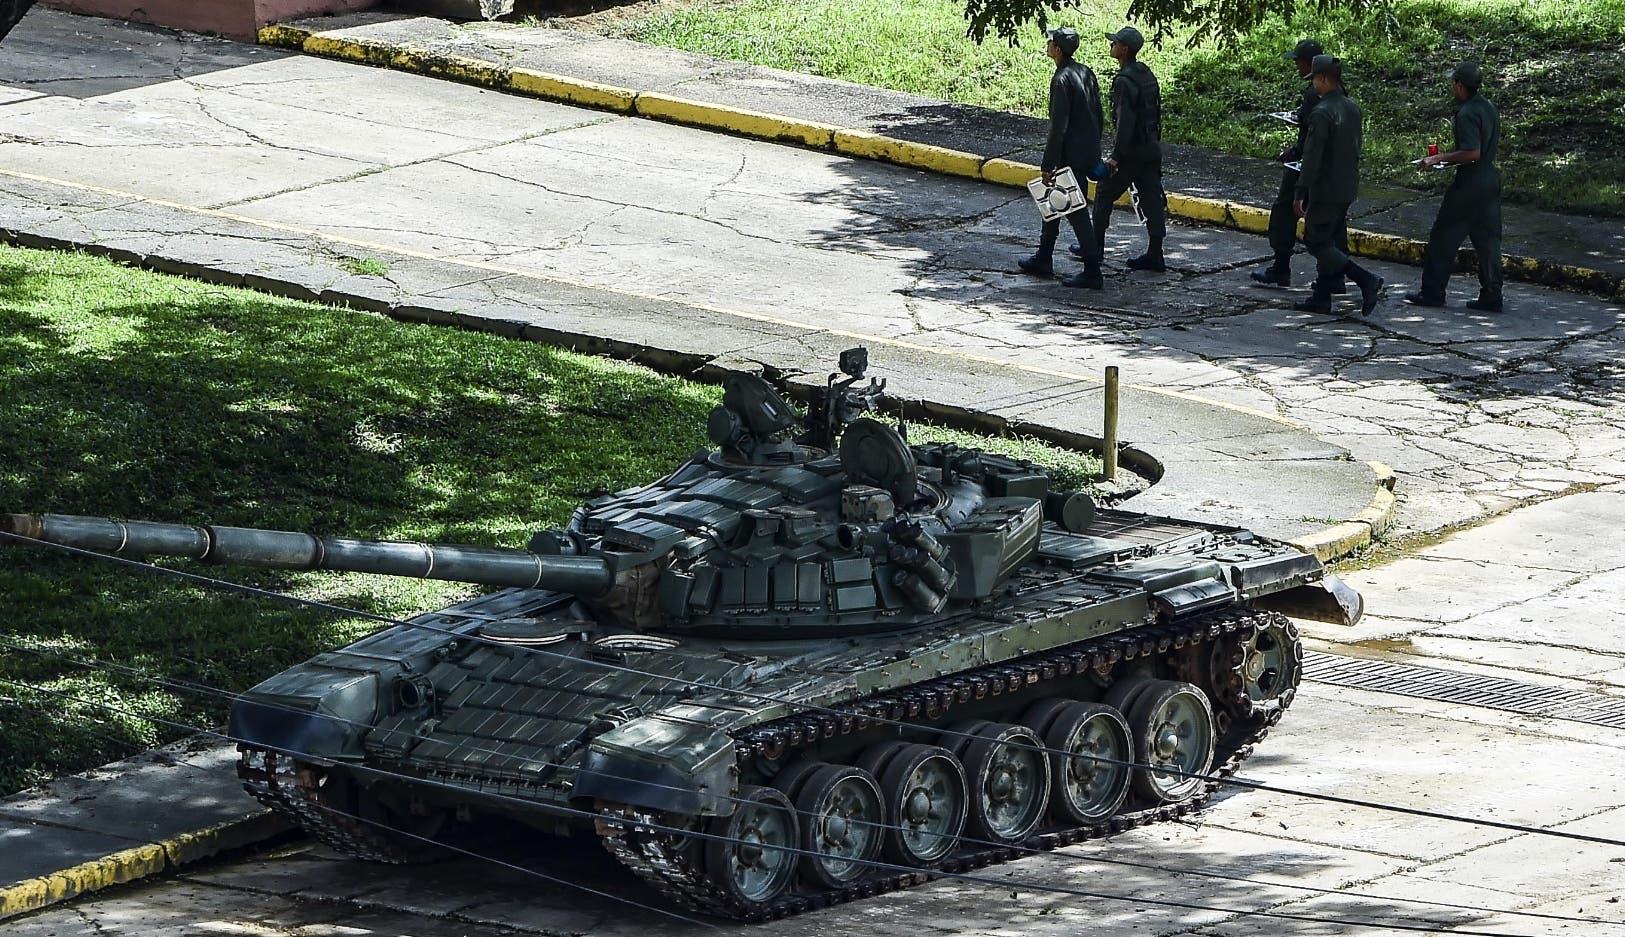 El presidente Nicolás Maduro confirmó que veinte mercenarios, en su mayoría civiles, ingresaron al   fuerte militar Paramacay.